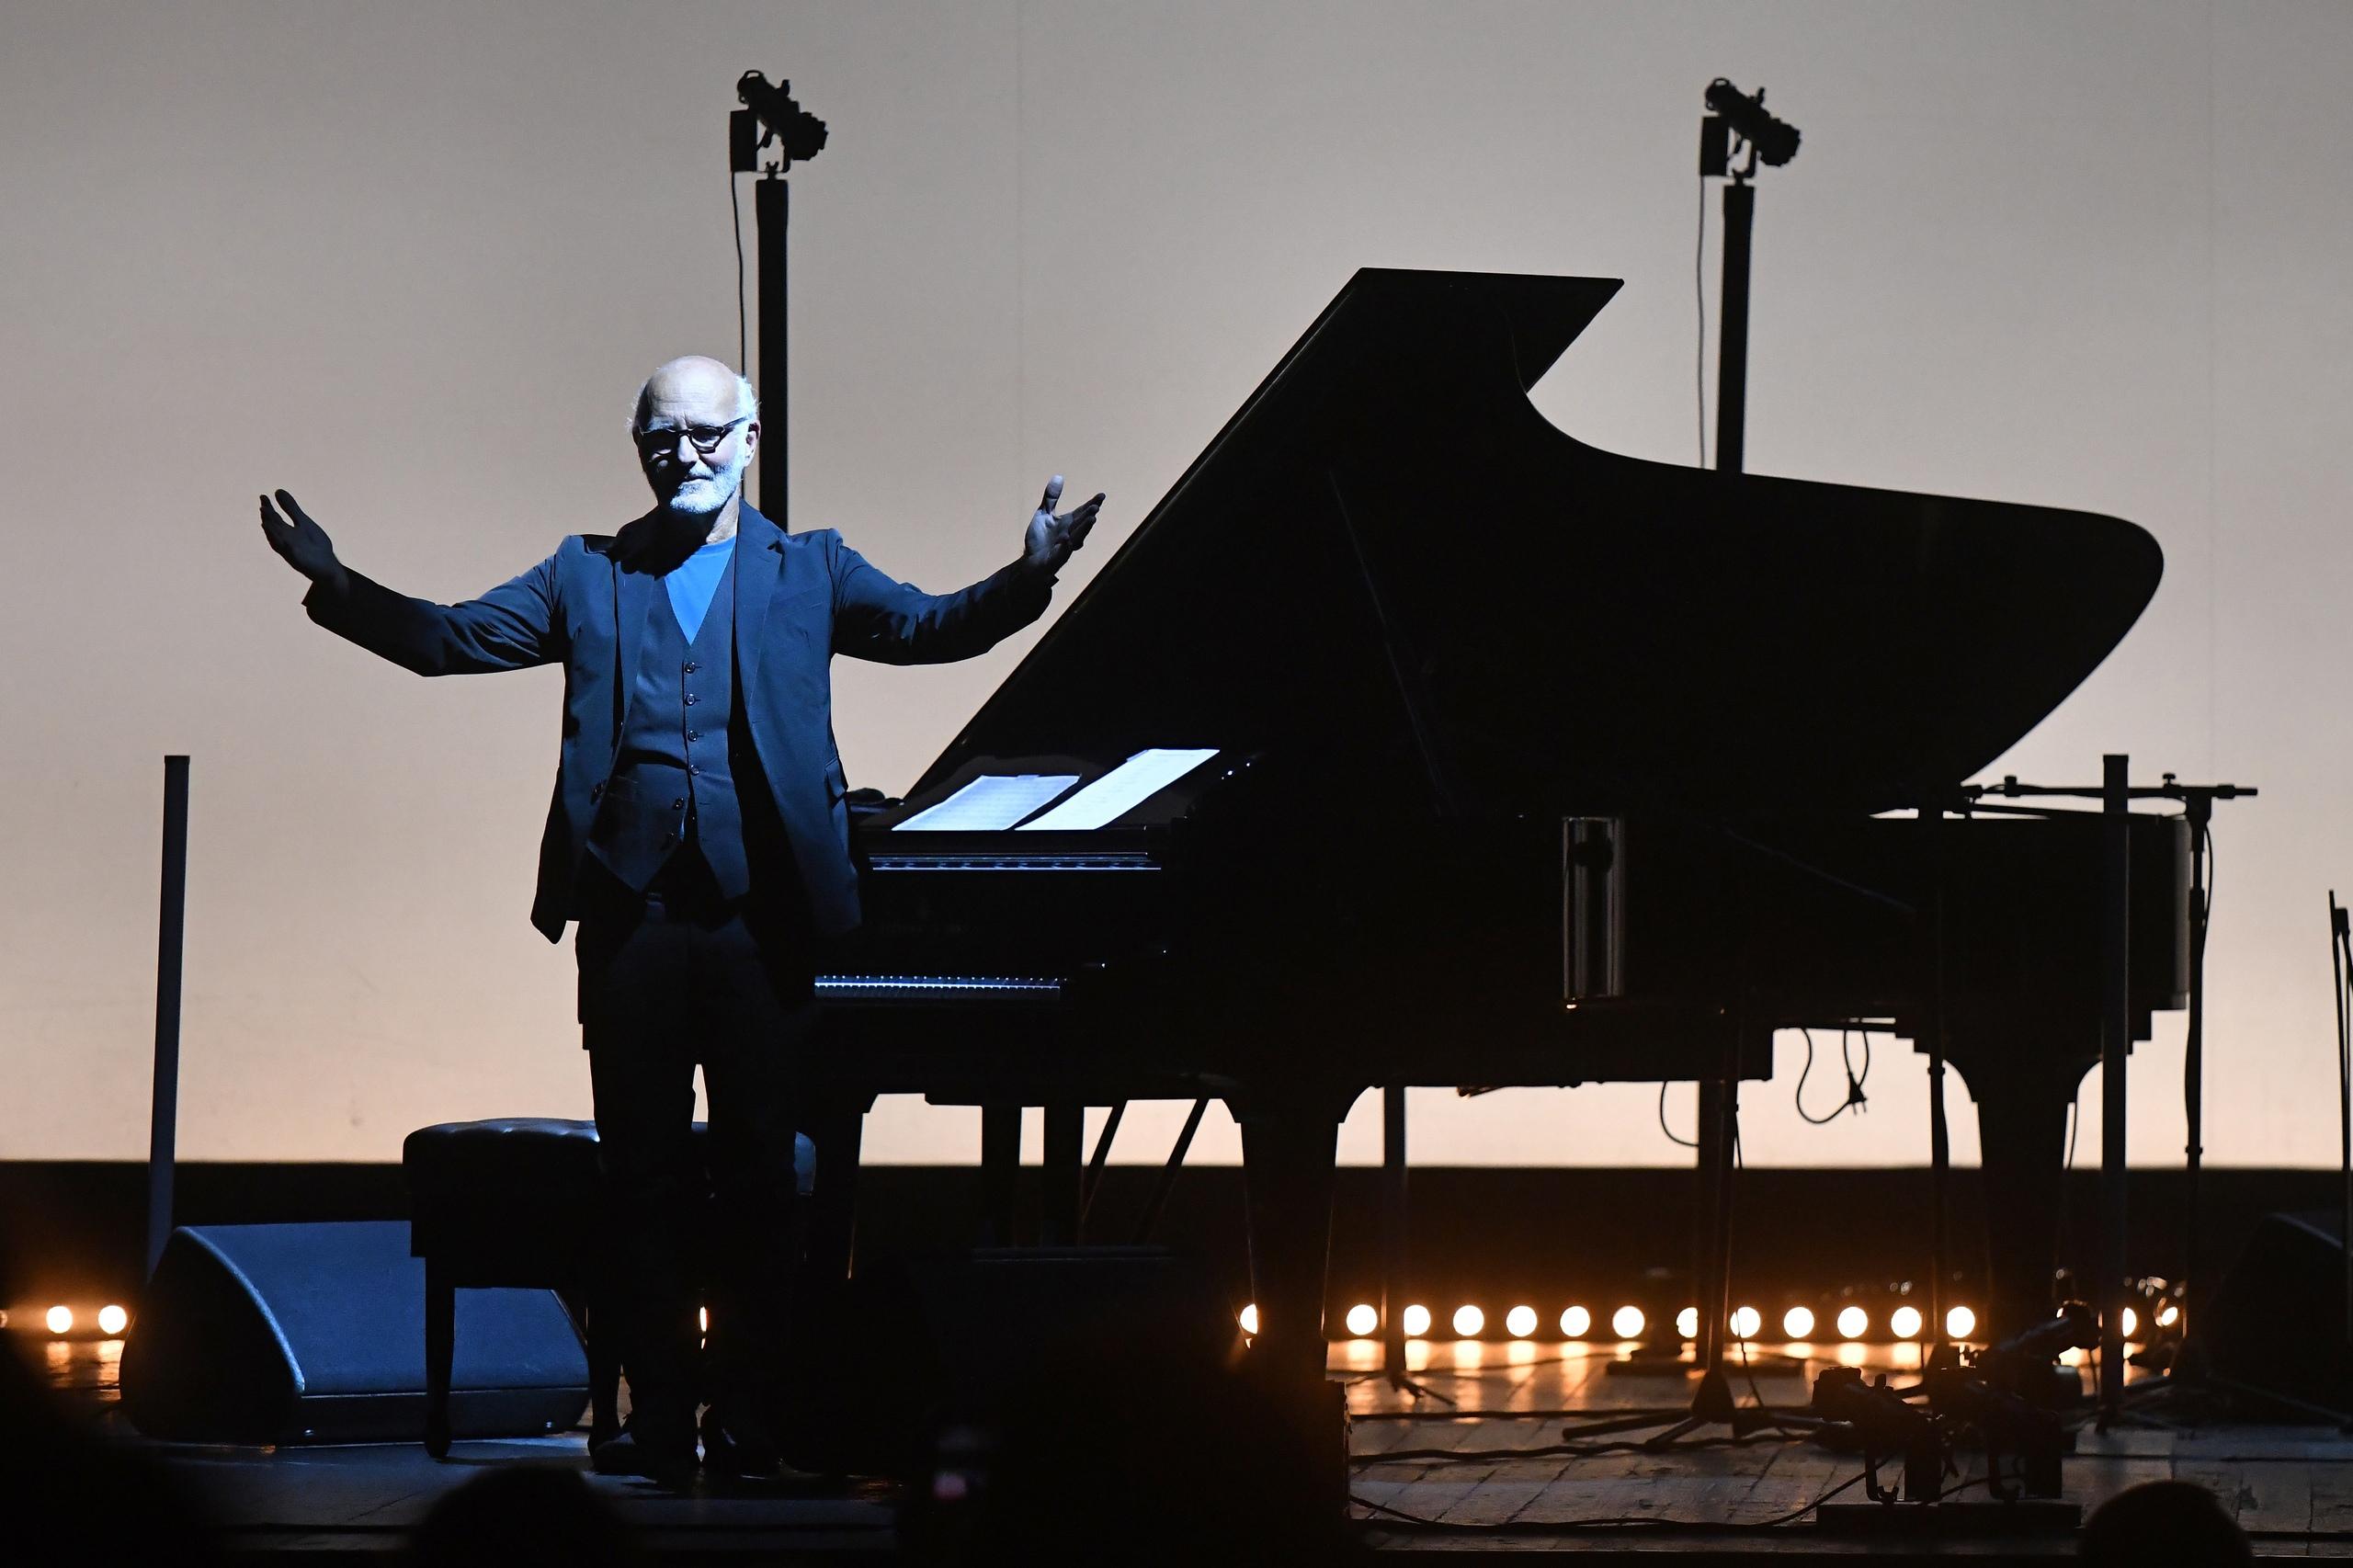 Его музыка обладает неизъяснимой силой, вдохновляющей сердца, и переносит в другое измерение.